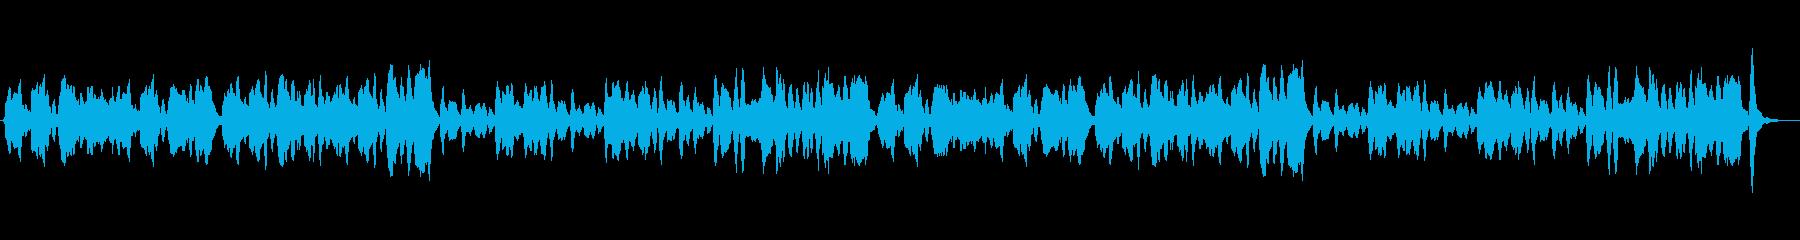 明るく可愛い、ほのぼのした木管5重奏ですの再生済みの波形